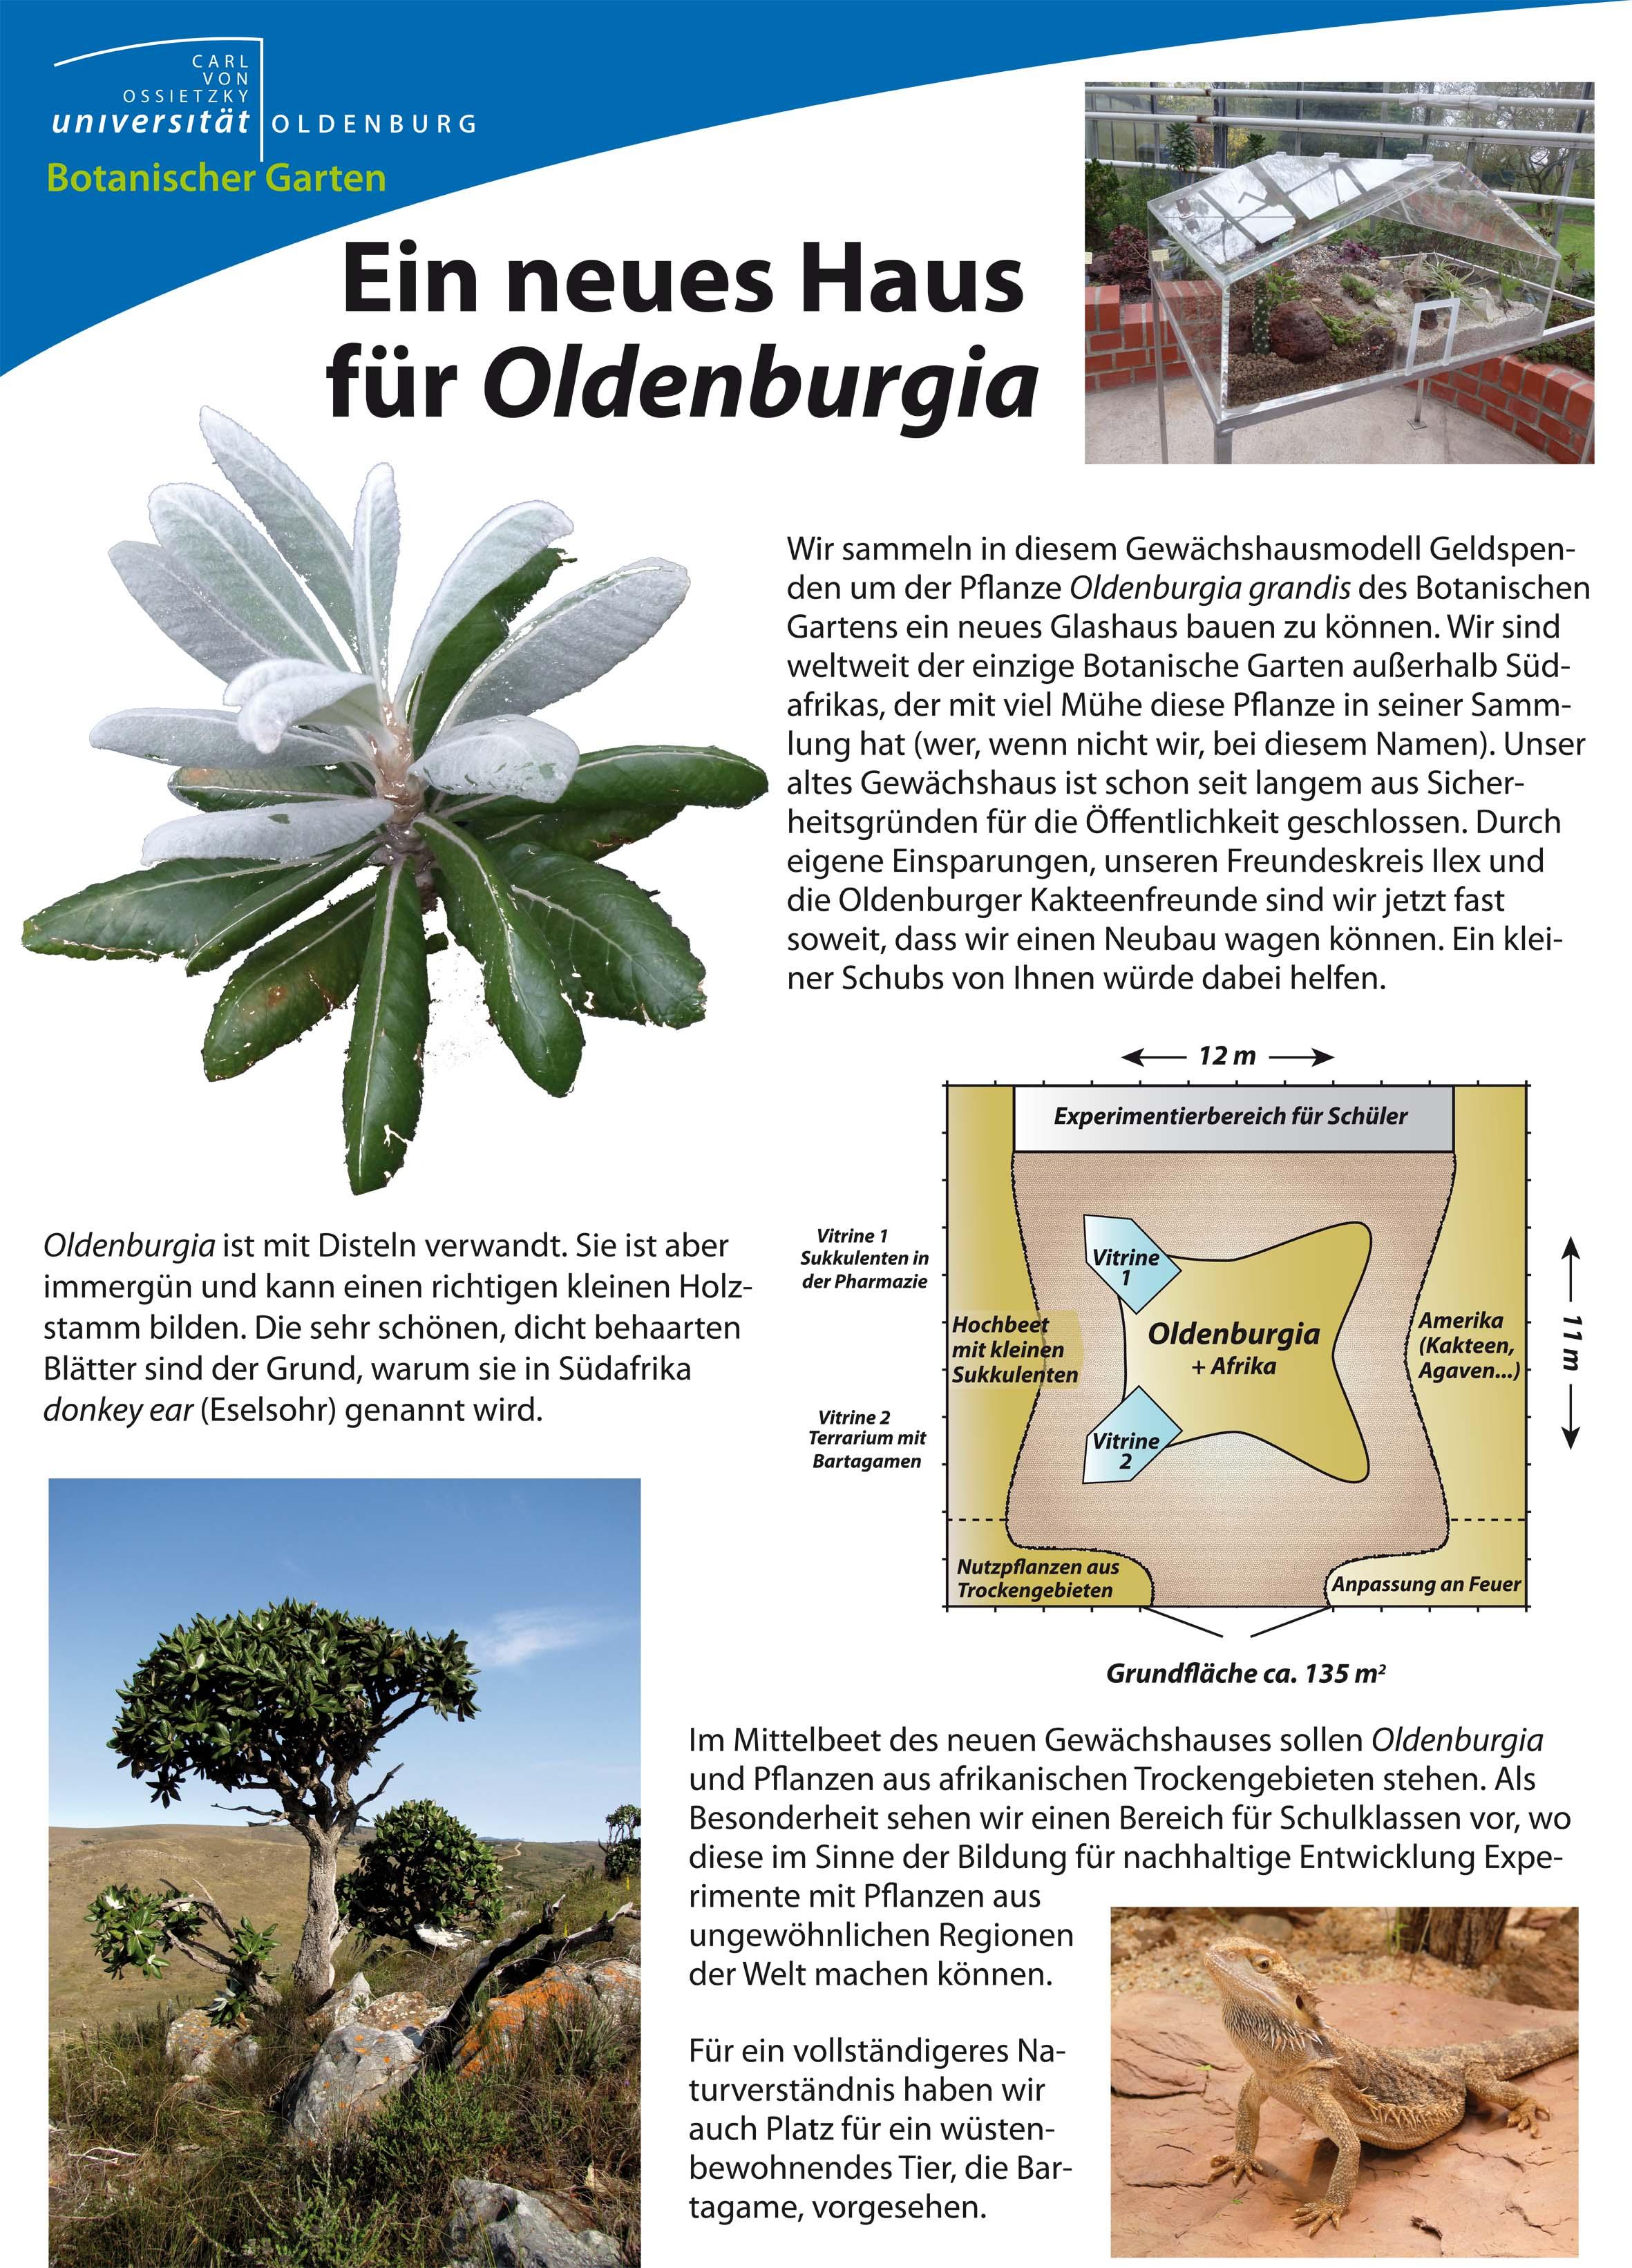 Bild Botanischer Garten der Universität Oldenburg